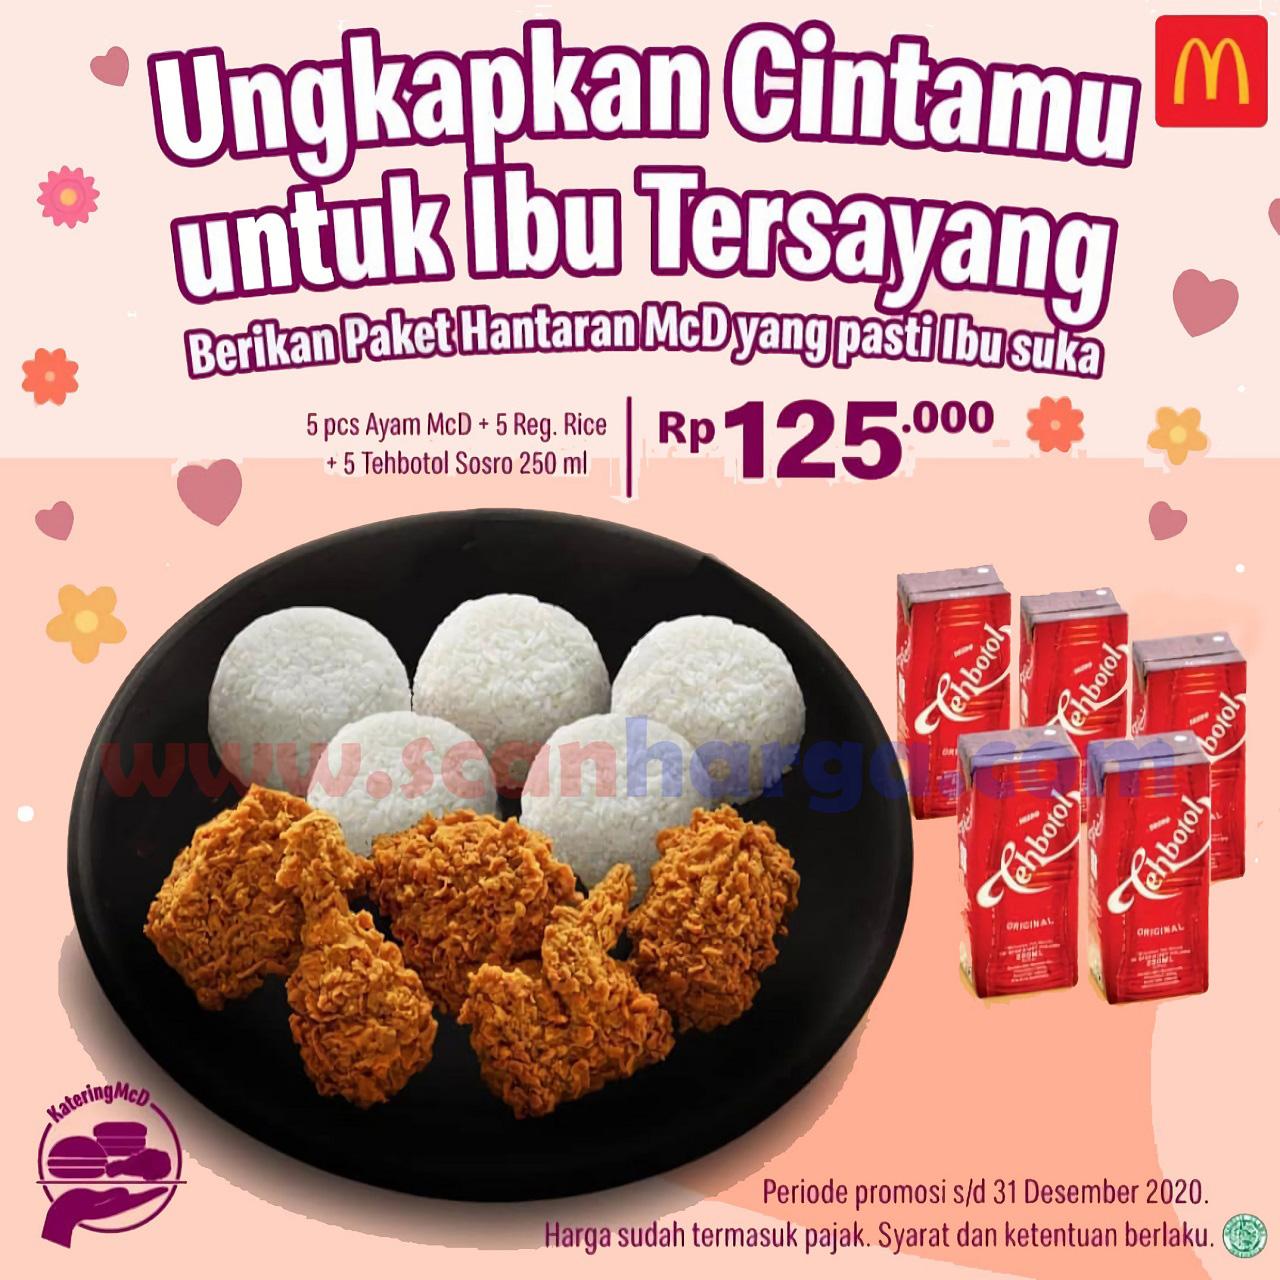 Promo McDonalds Paket Hantaran MCD – 5Pcs Ayam + 5 Nasi + 5 Tehbotol Sosro cuma Rp 125.000,-